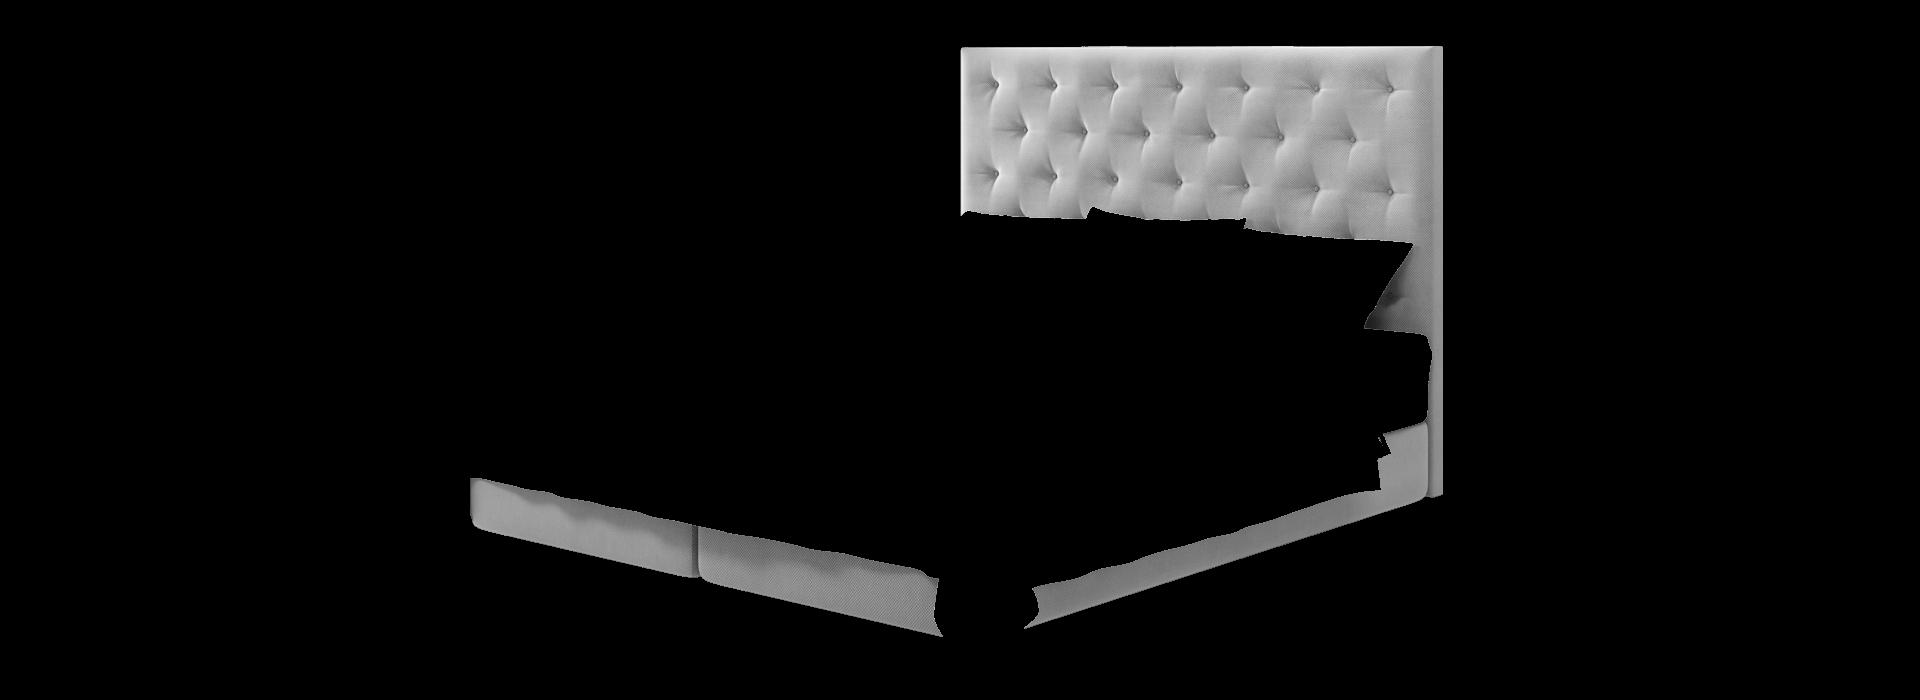 Эстер 1.8 кровать box spring - маска 4